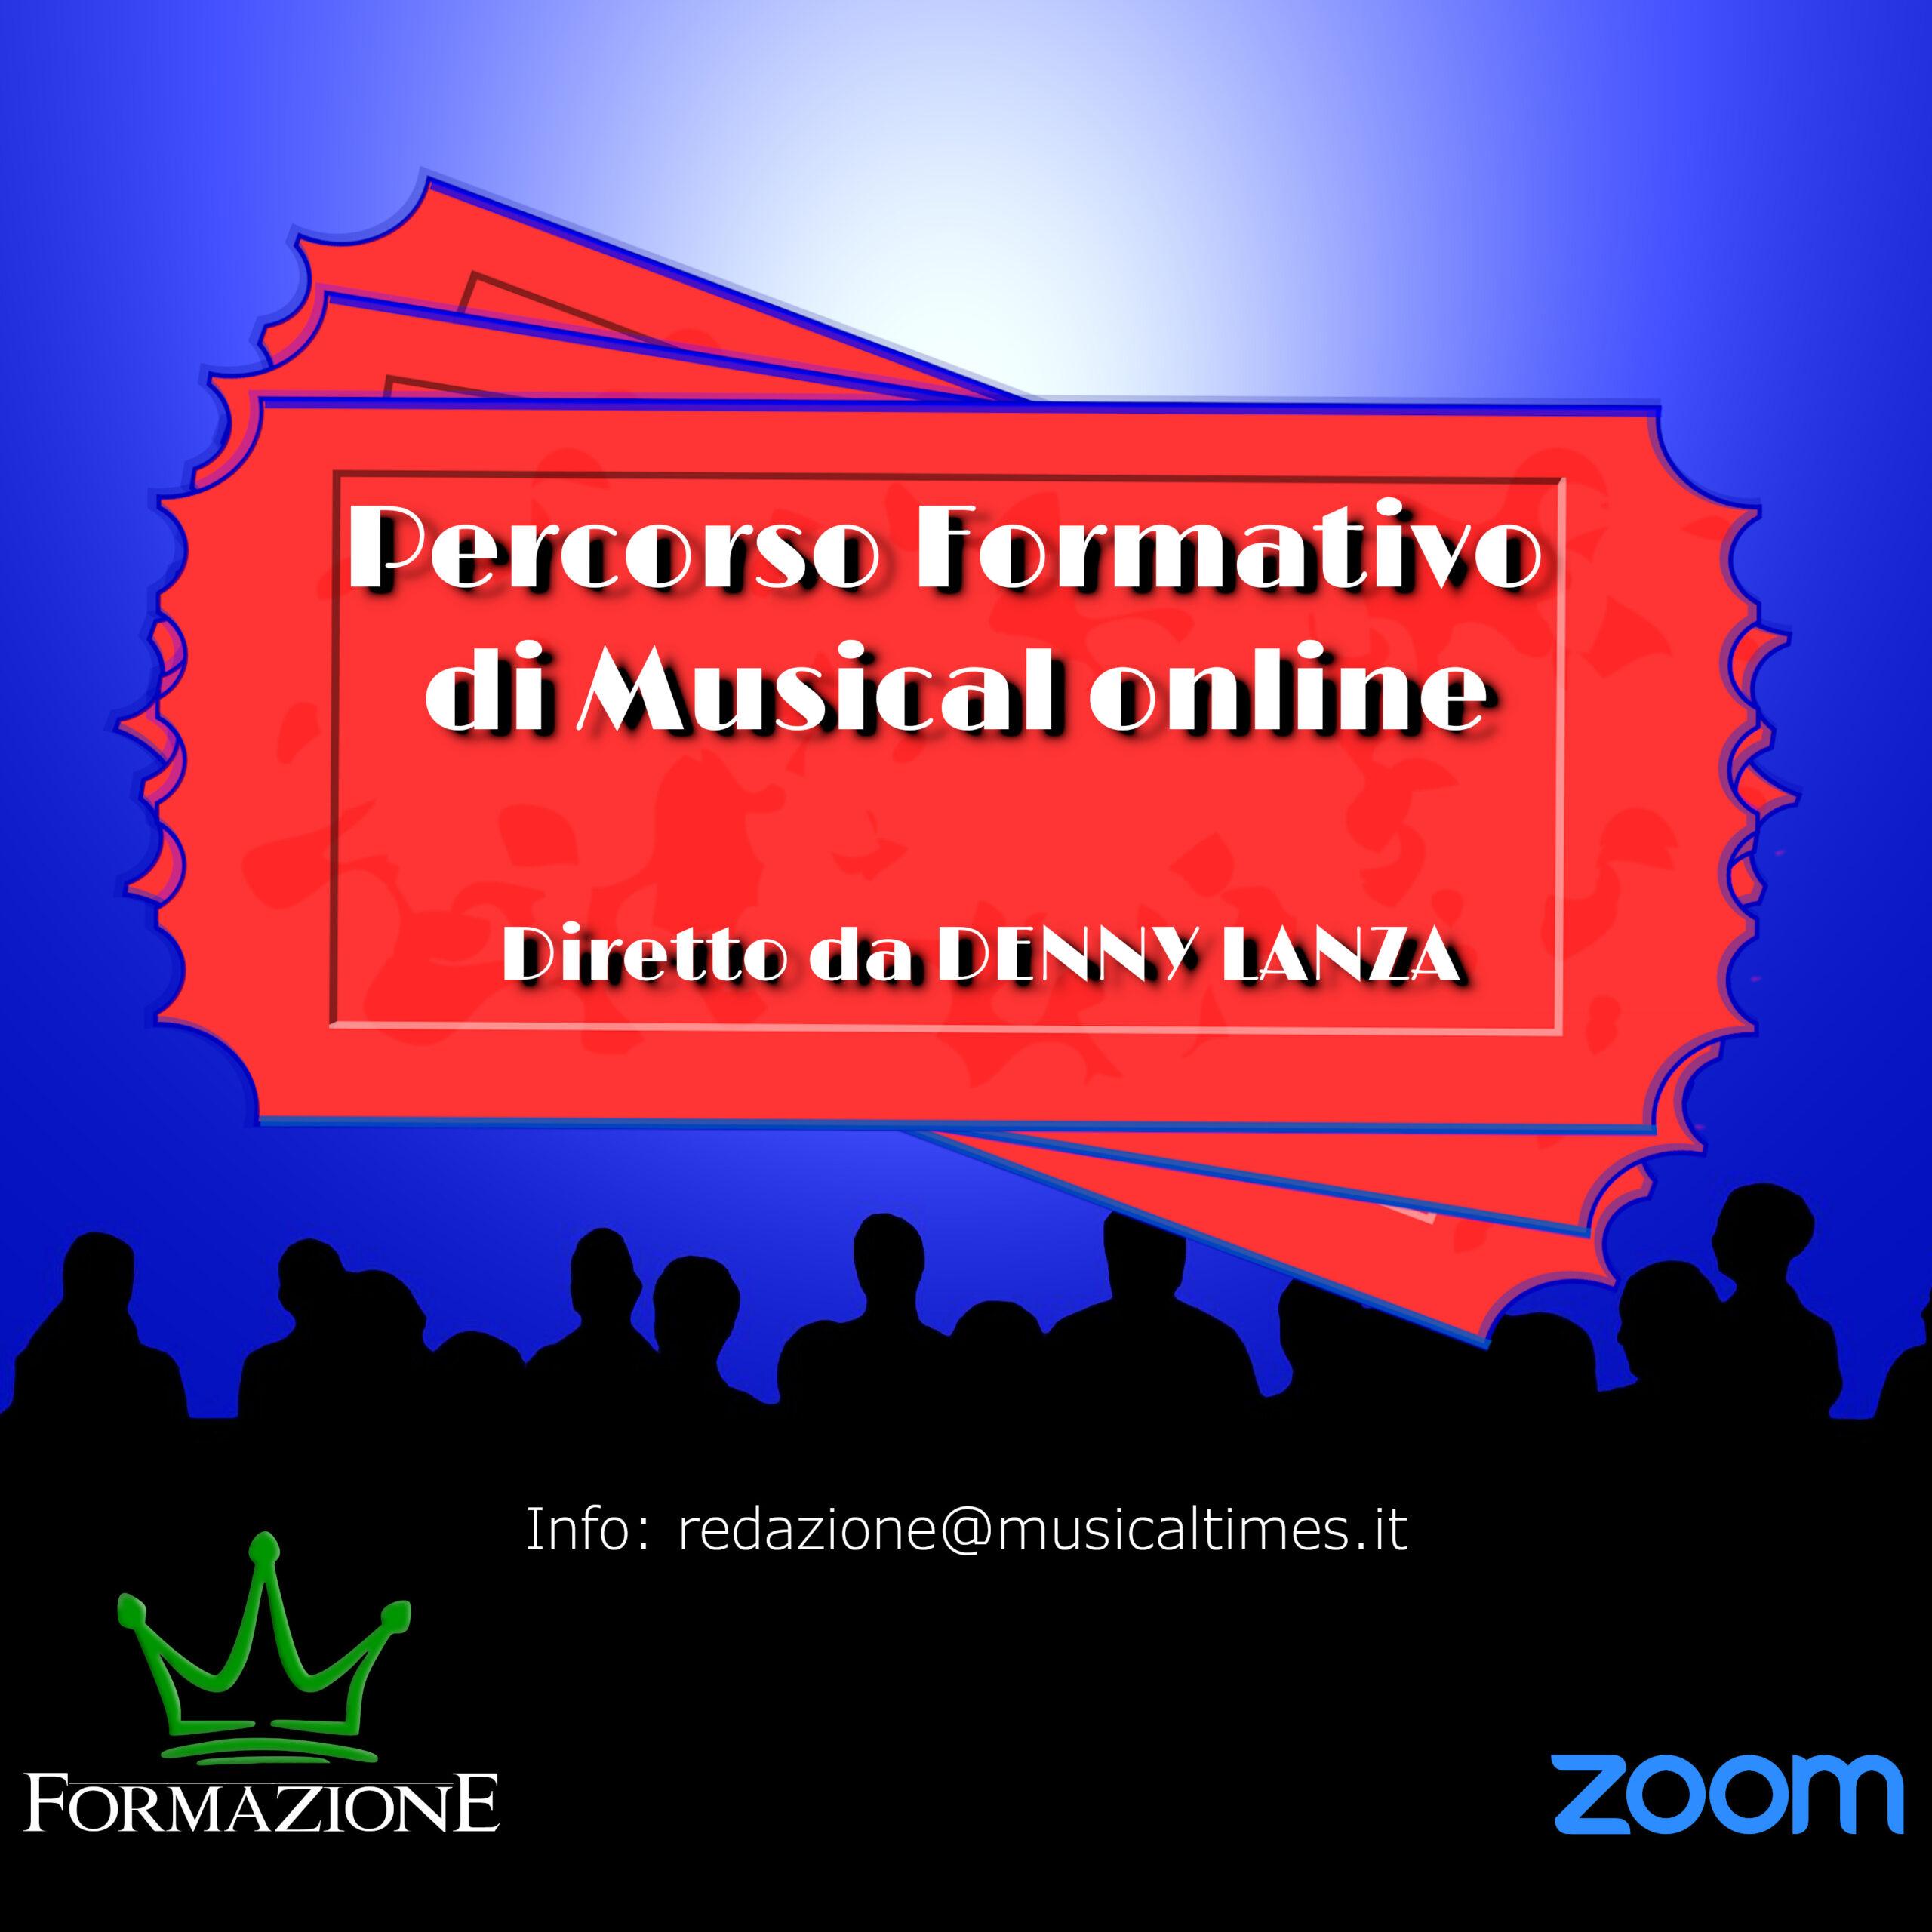 Percorso Formativo di Musical… online e targato Denny Lanza.